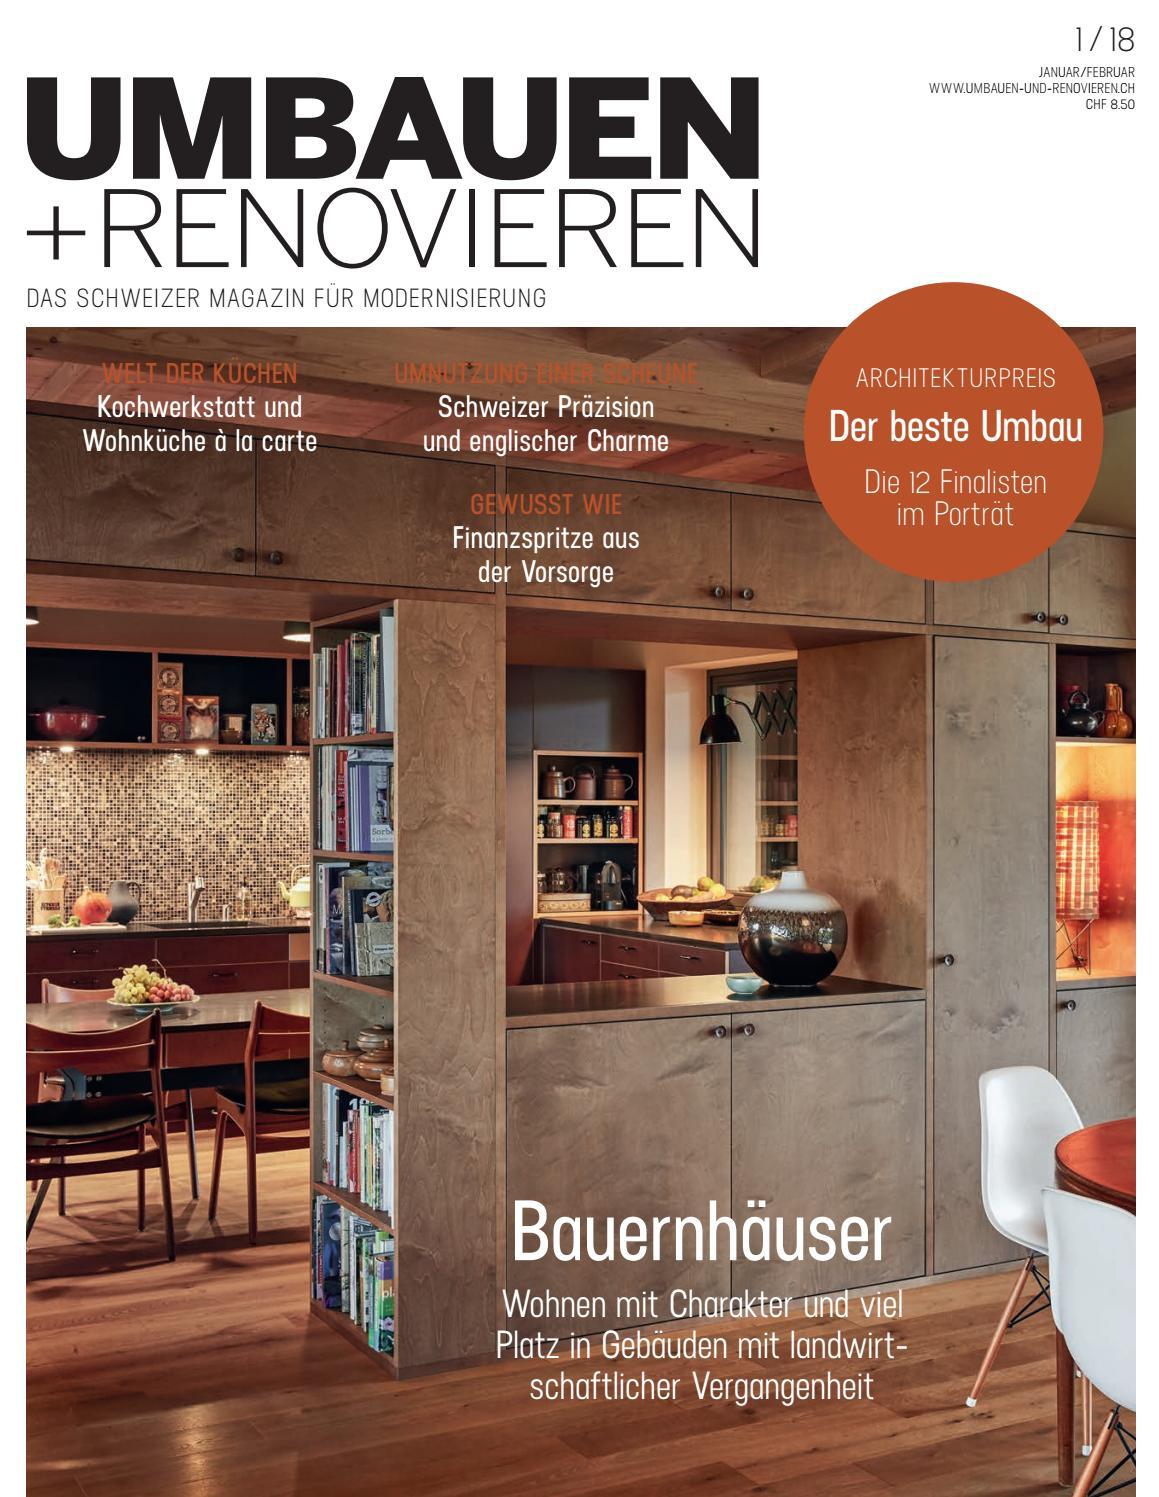 UMBAUEN+RENOVIEREN 01/2018 by Archithema Verlag - issuu